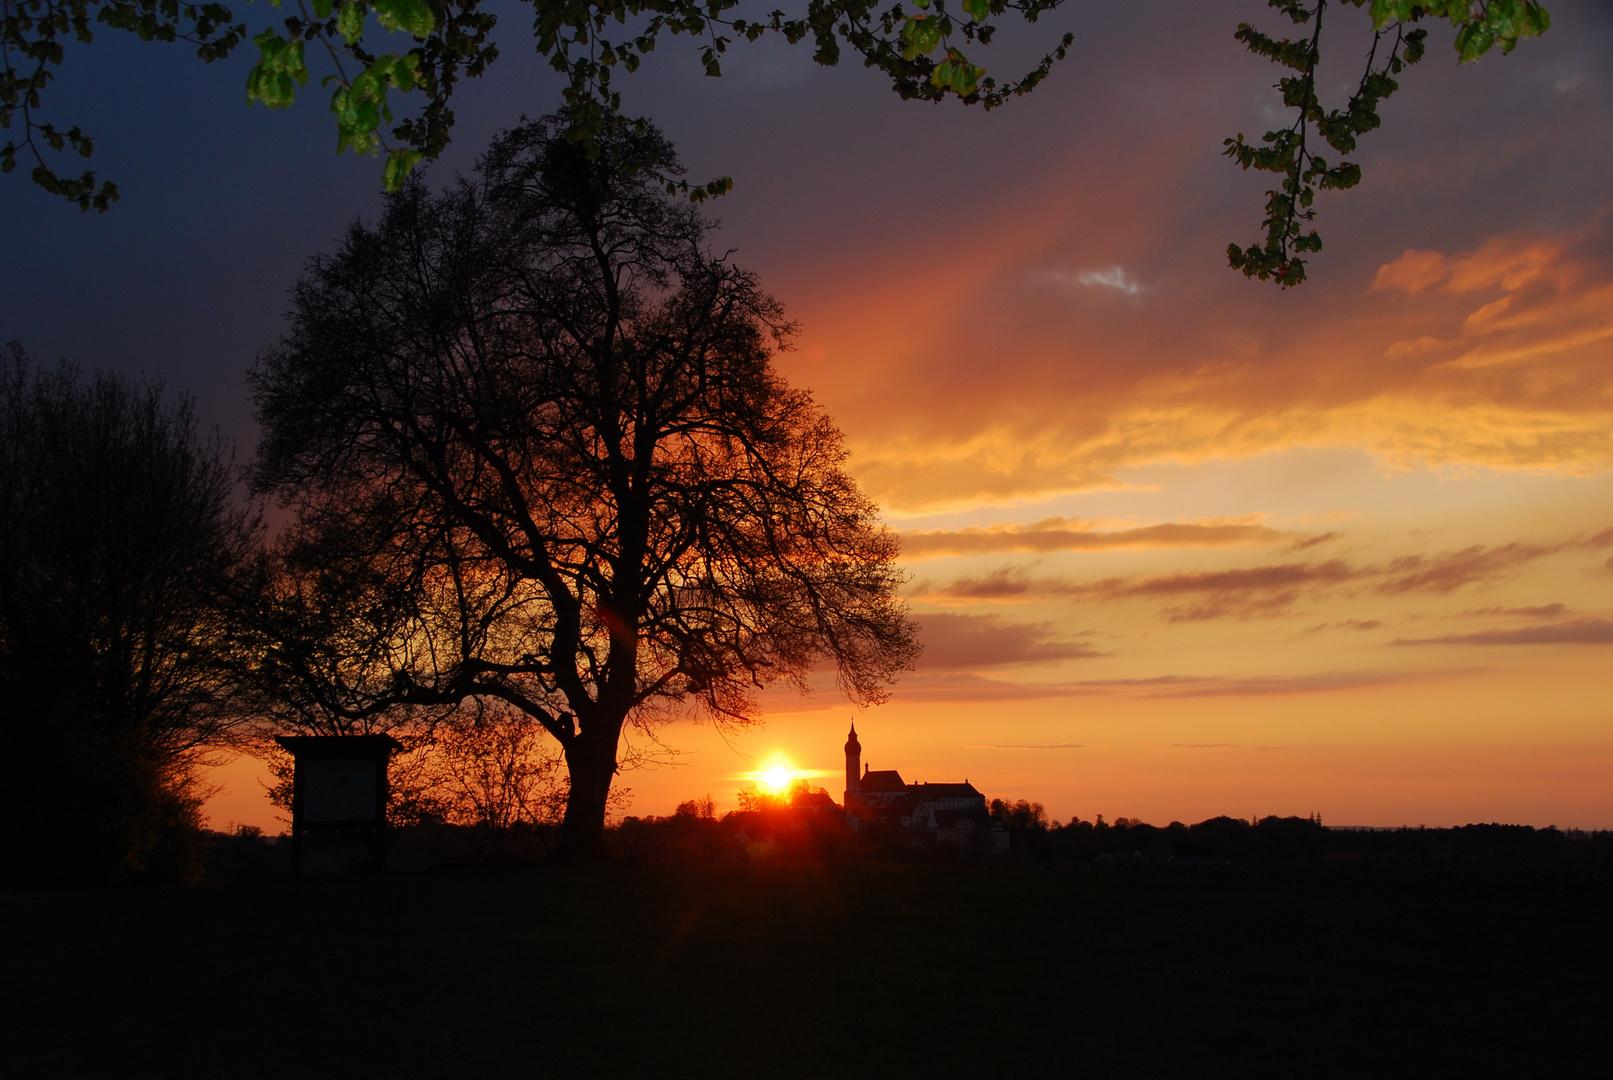 Sonnenuntergang mit Kloster Andechs, Bayern 35